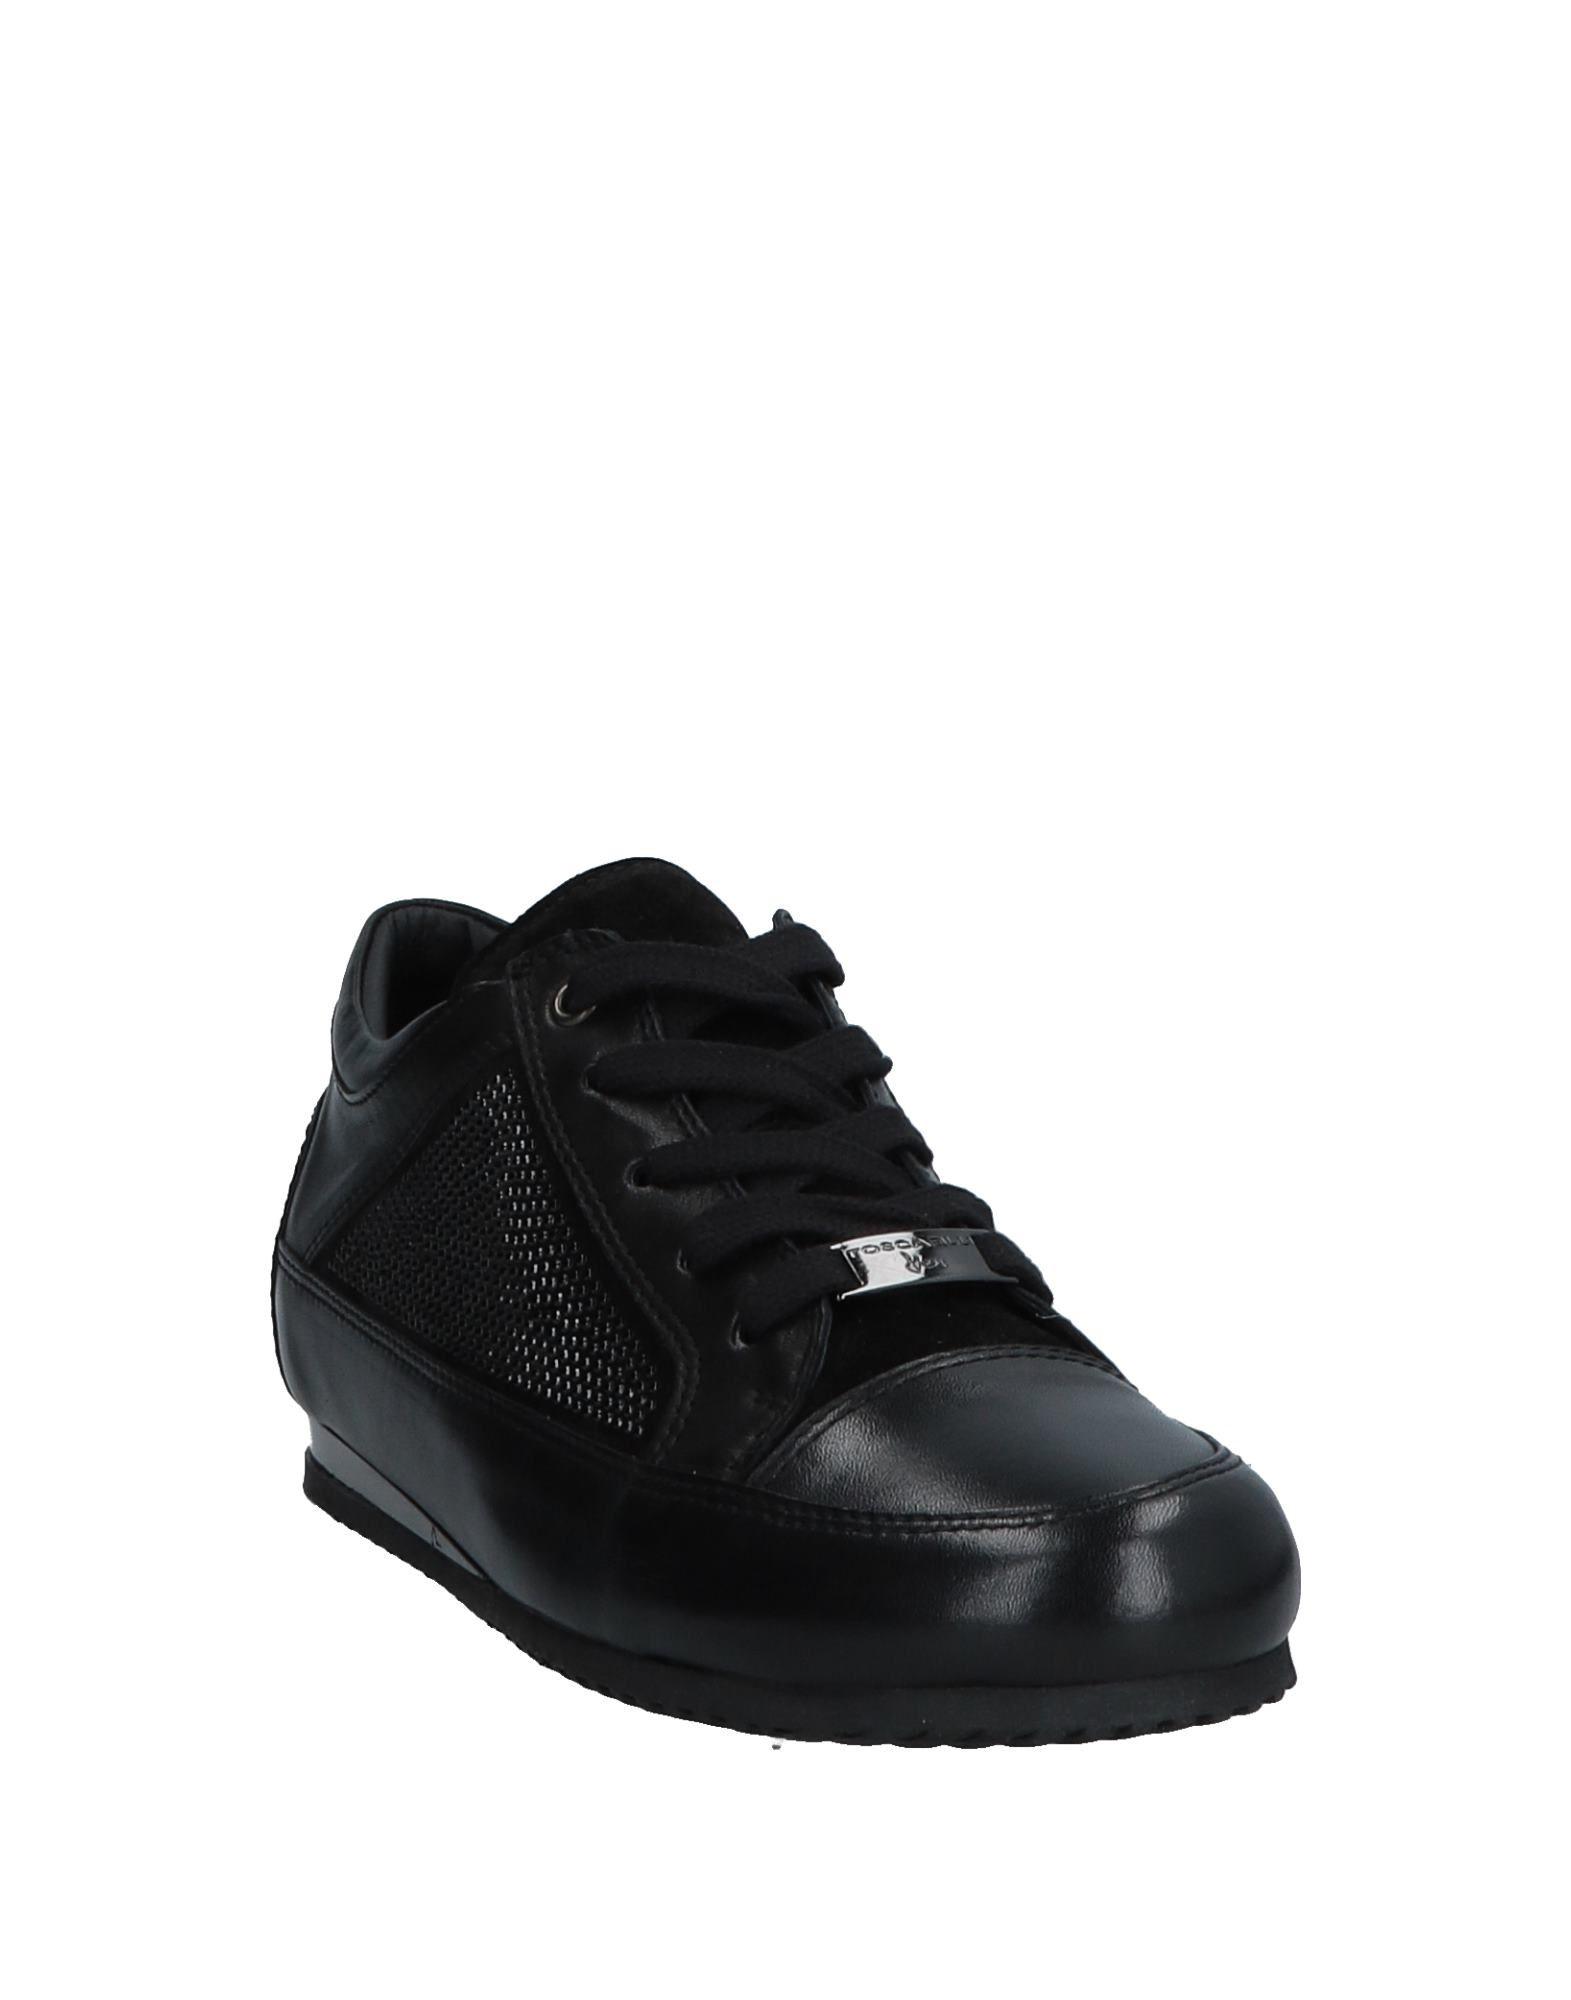 Tosca Blu Schuhes Sneakers sich Damen Gutes Preis-Leistungs-Verhältnis, es lohnt sich Sneakers 331bd8